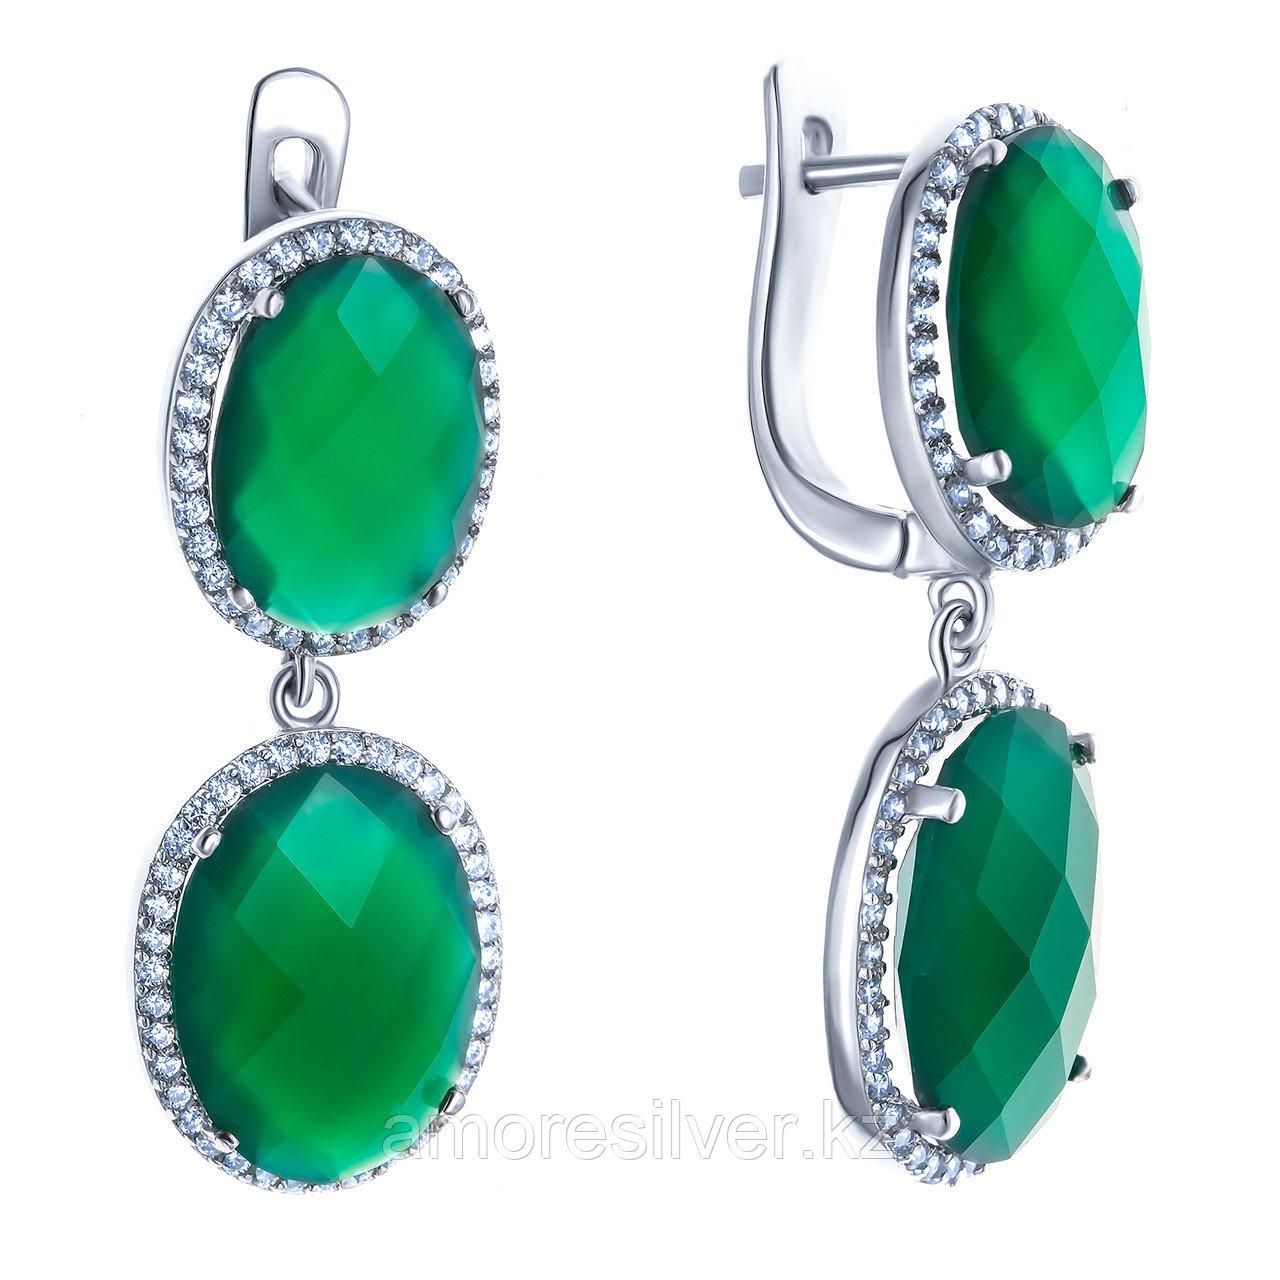 Серьги TEOSA серебро с родием, агат зеленый фианит, с английским замком, многокаменка E-DRGR00861-AG